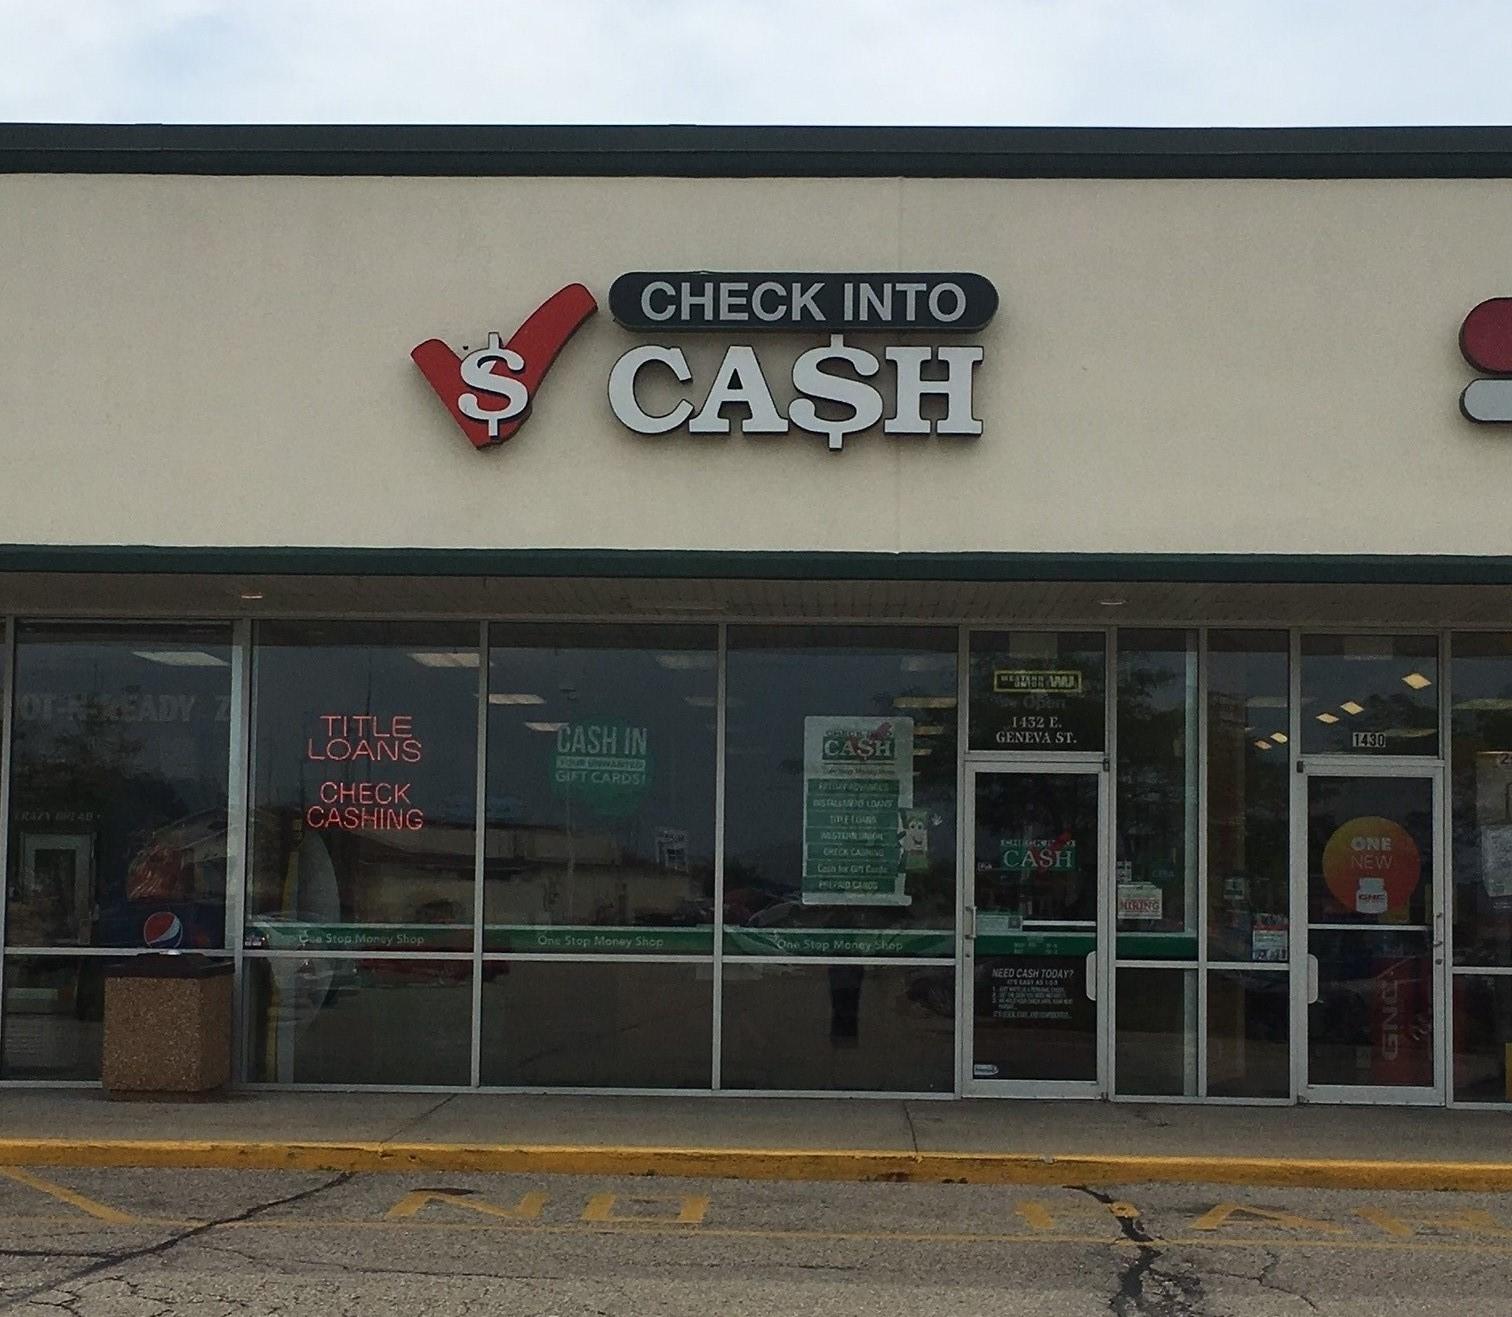 Cash advance wa image 5